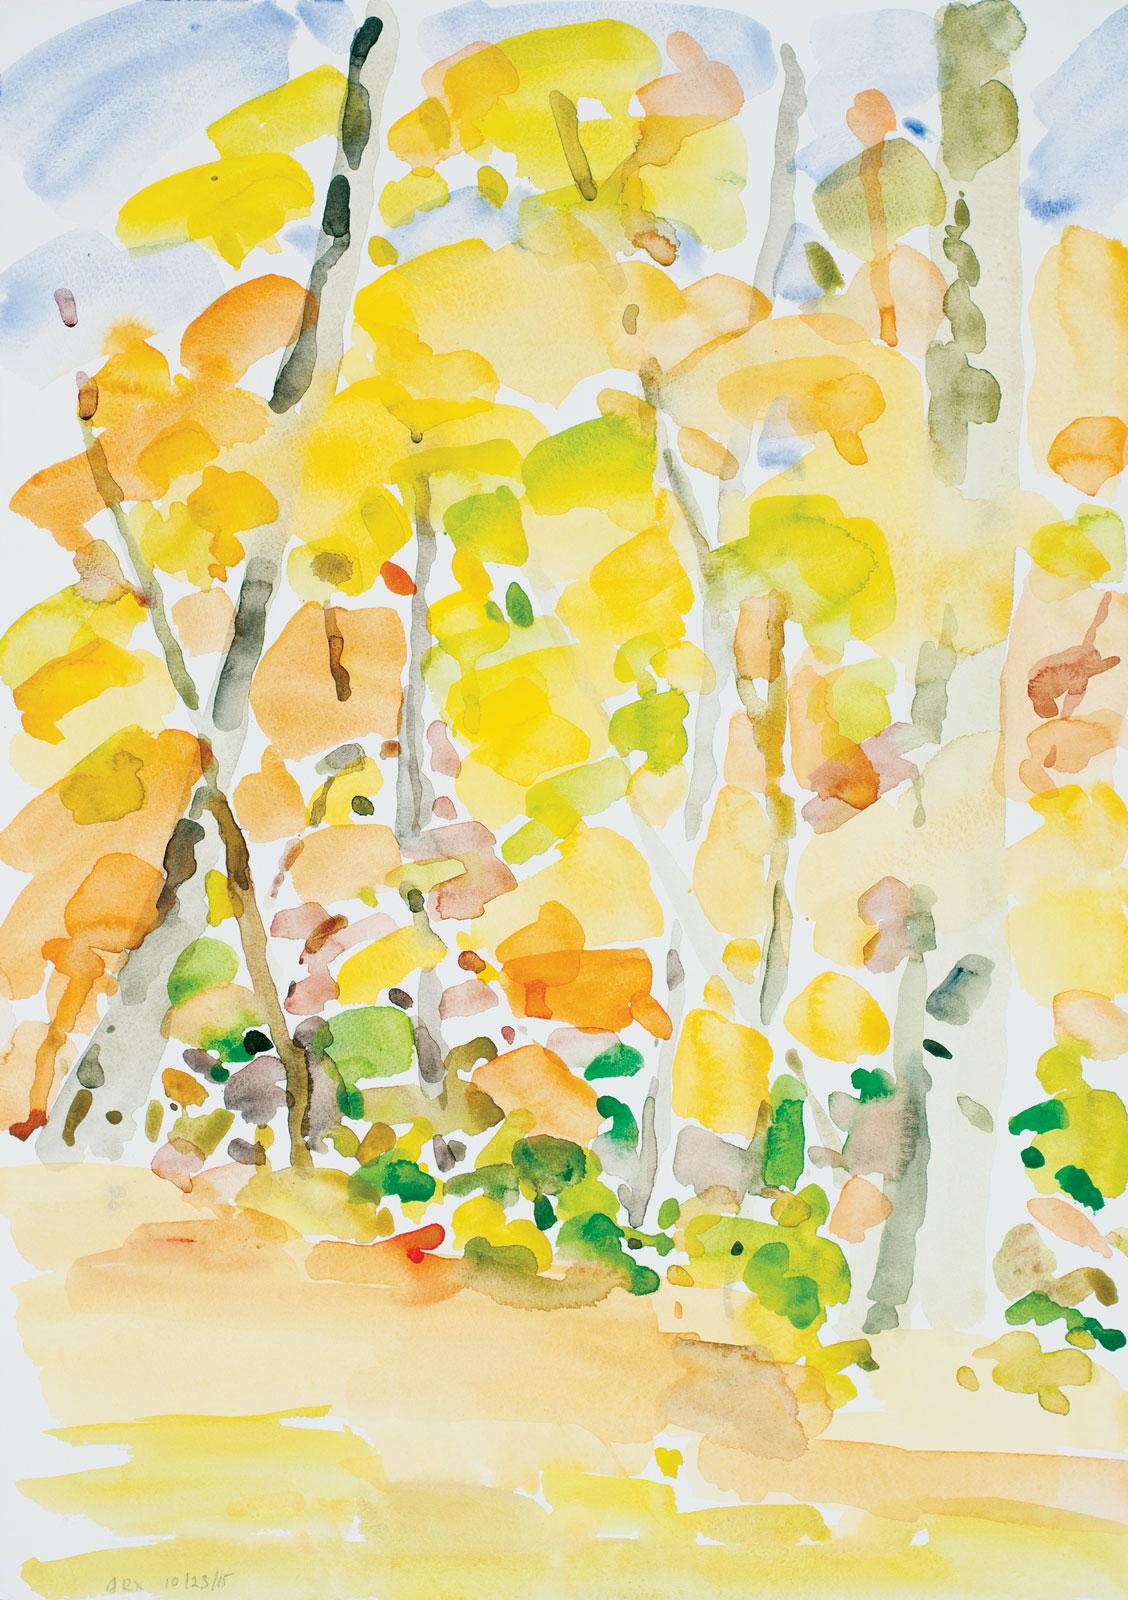 Backyard-Autumn-102315-20x14